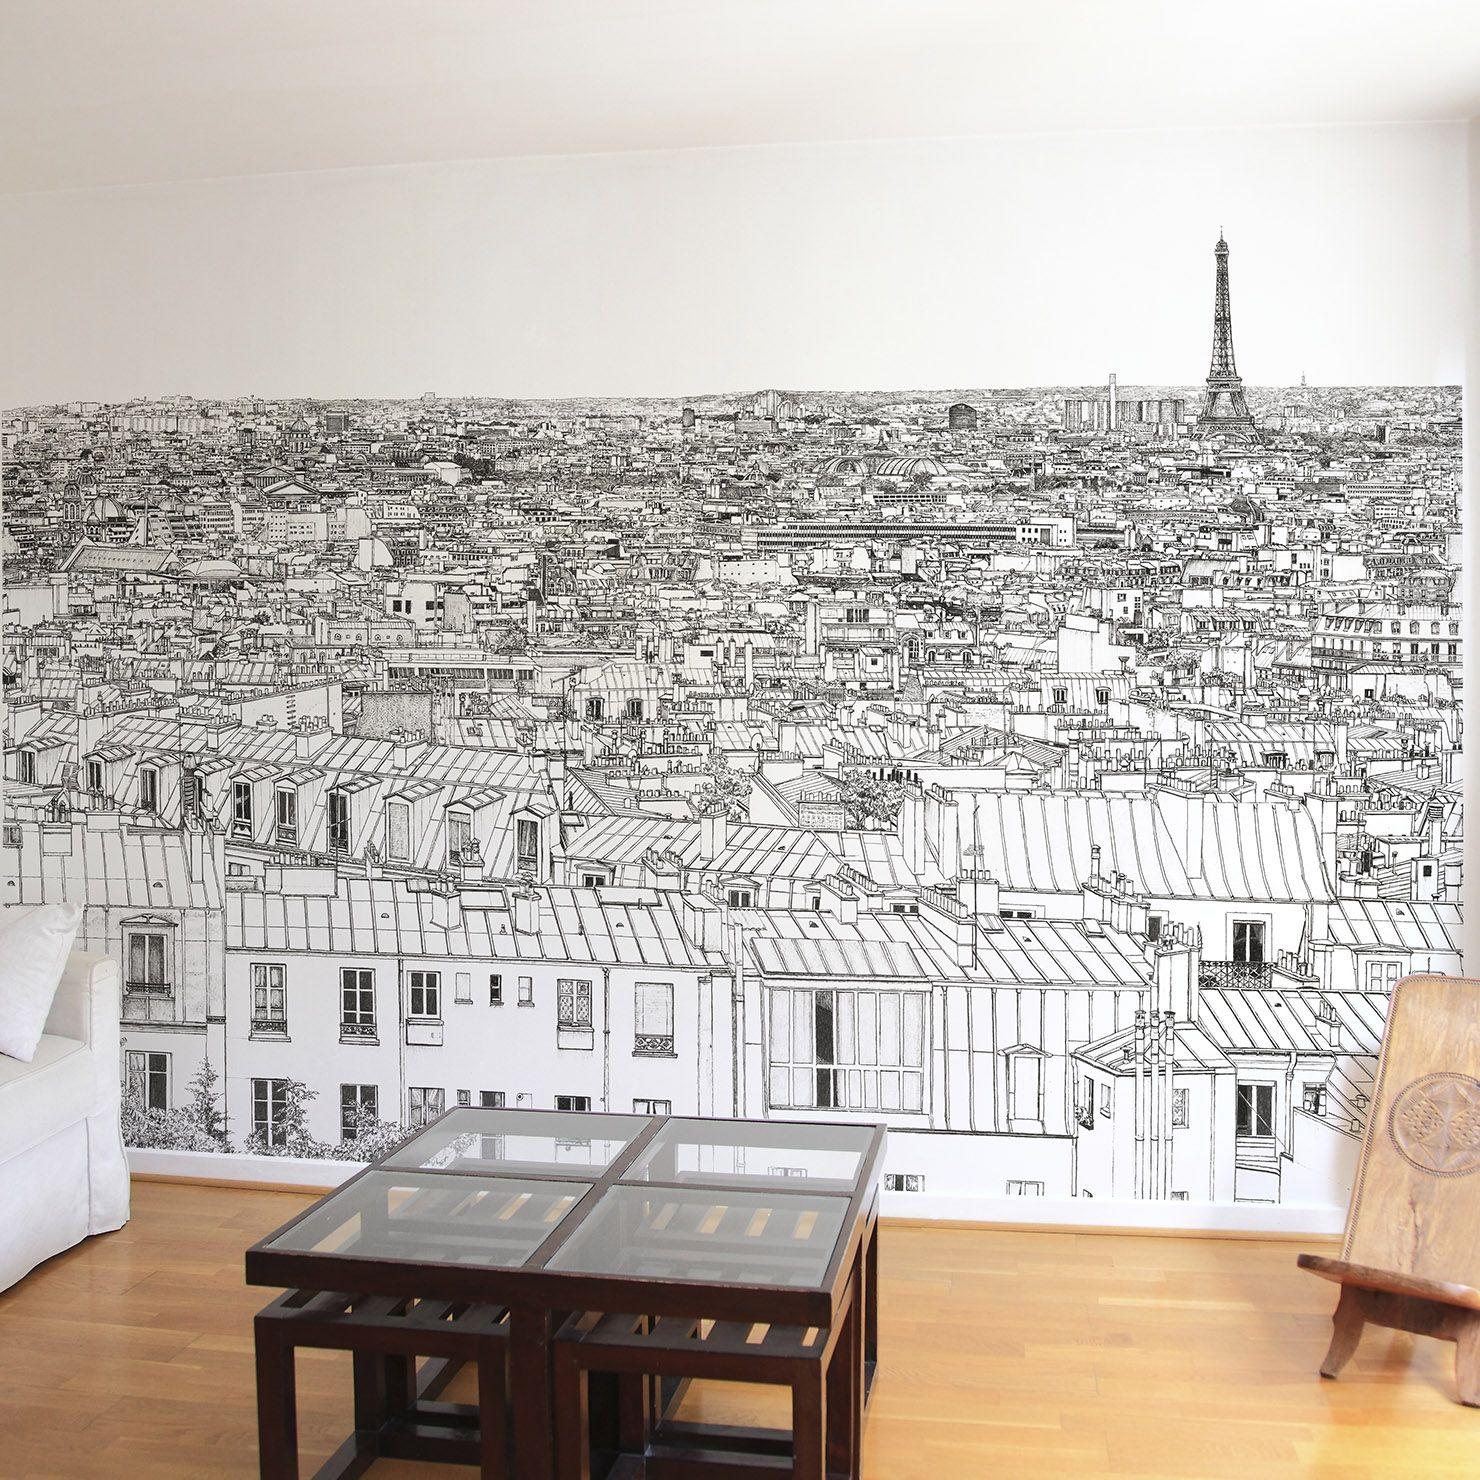 100 Fantastique Conseils Papier Peint Oh My Wall